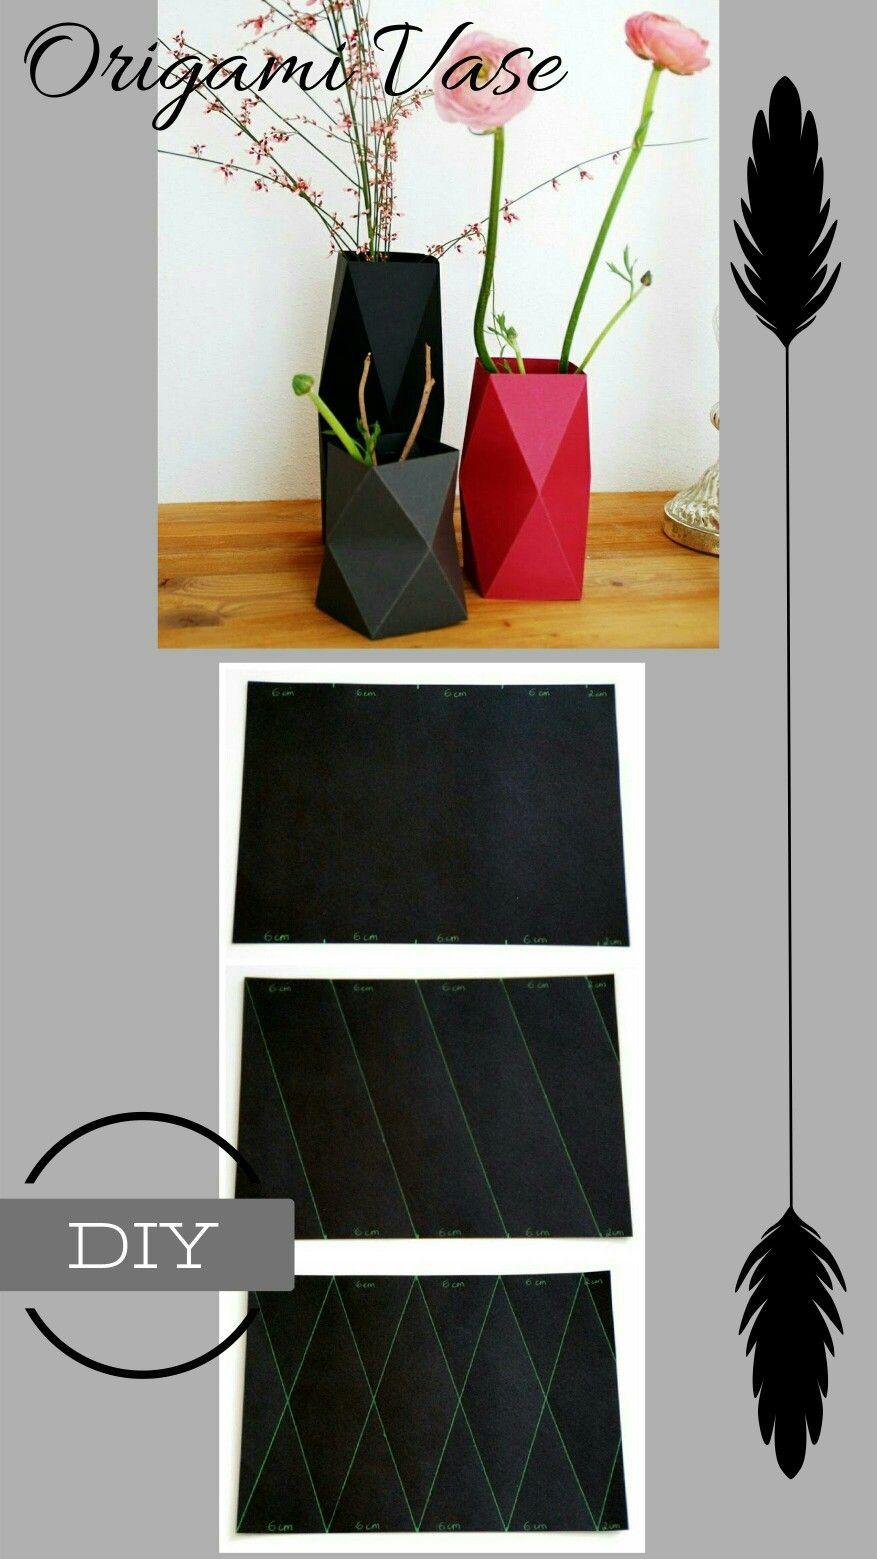 Diy Paper Crafts how to make paper vase diy craft